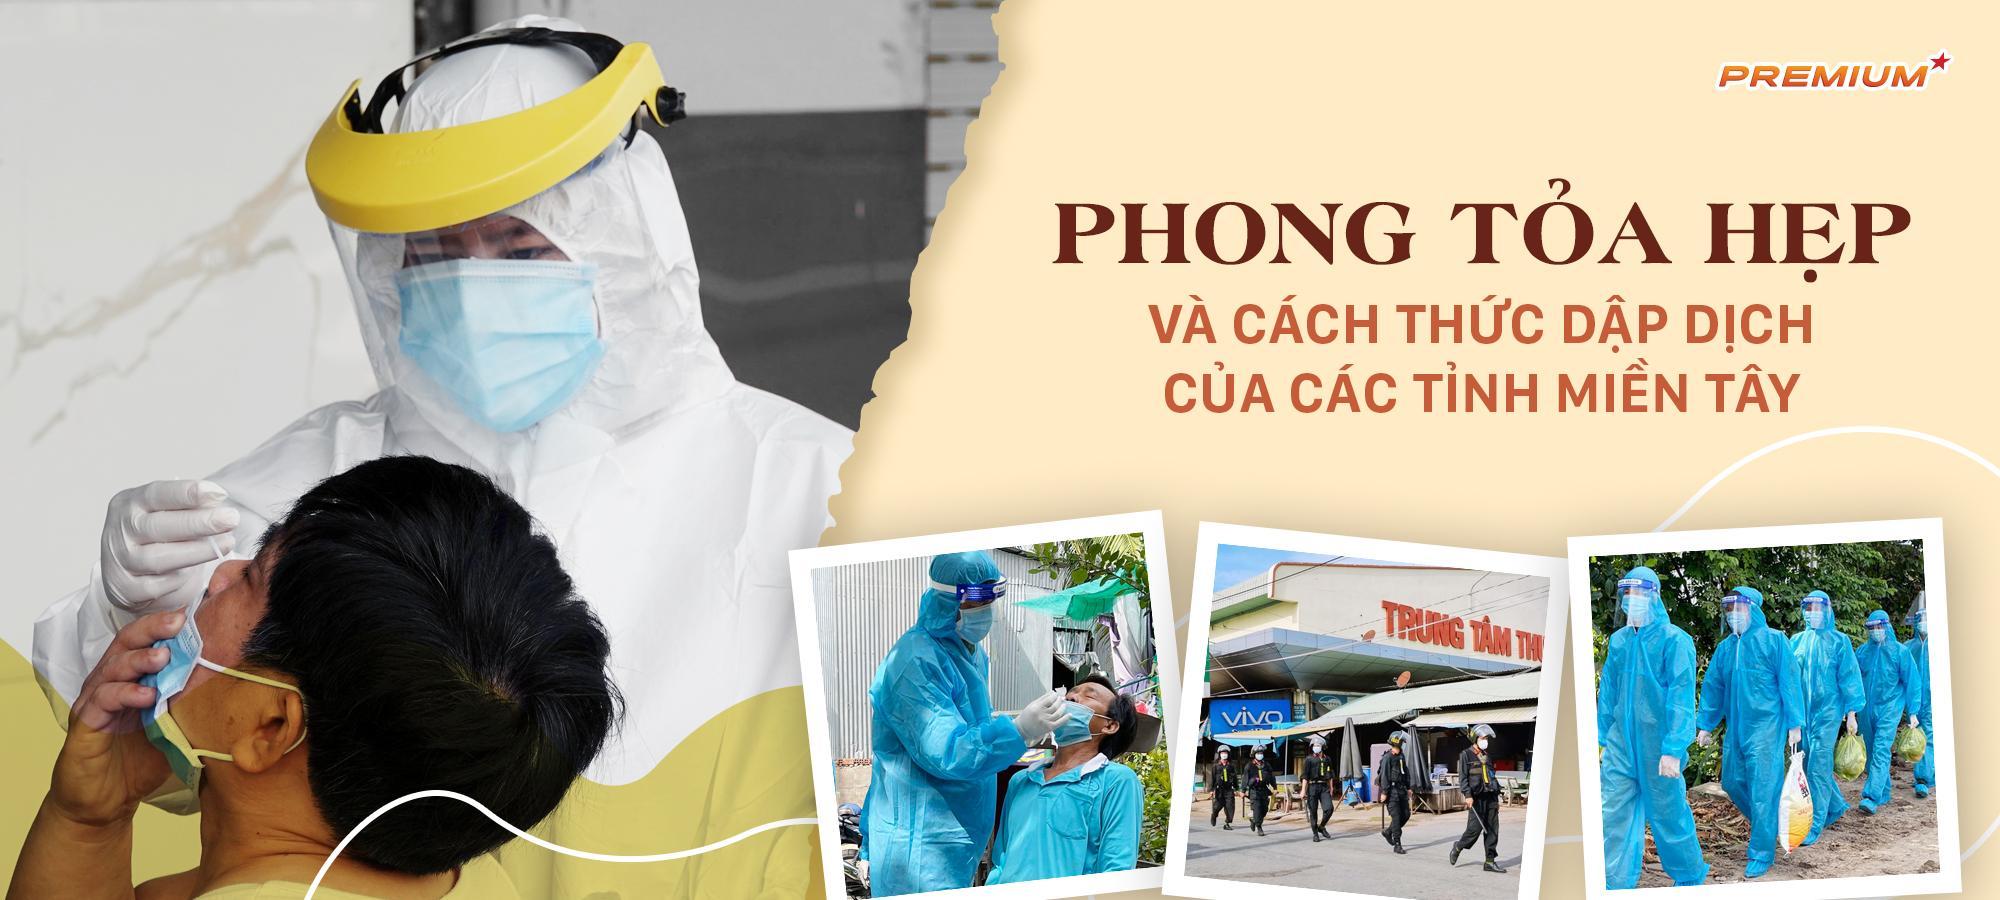 Phong tỏa hẹp và cách thức dập dịch của các tỉnh miền Tây